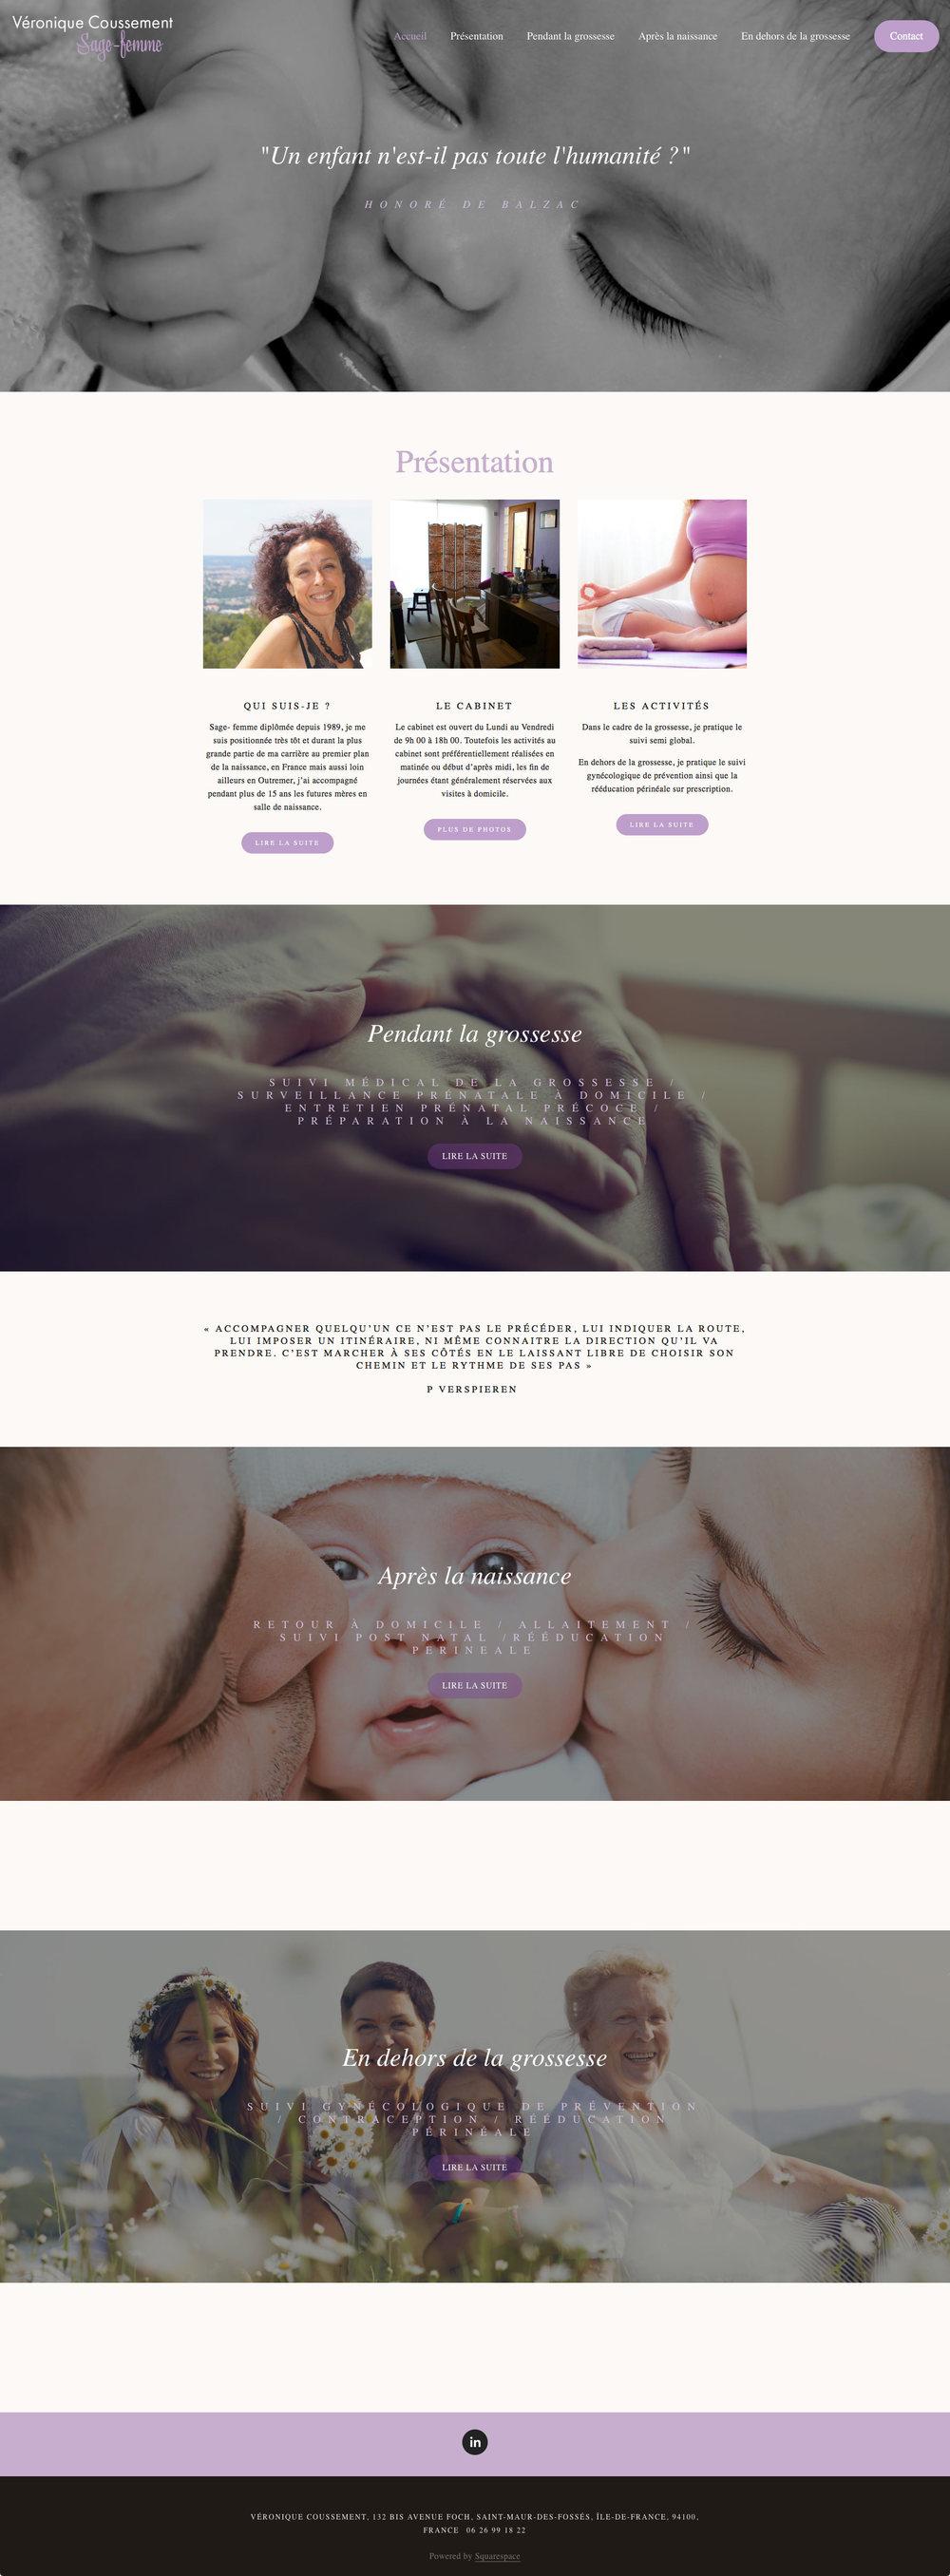 Sagefemmesaintmaur.com : naissance sans douleur pour ce délicat site.